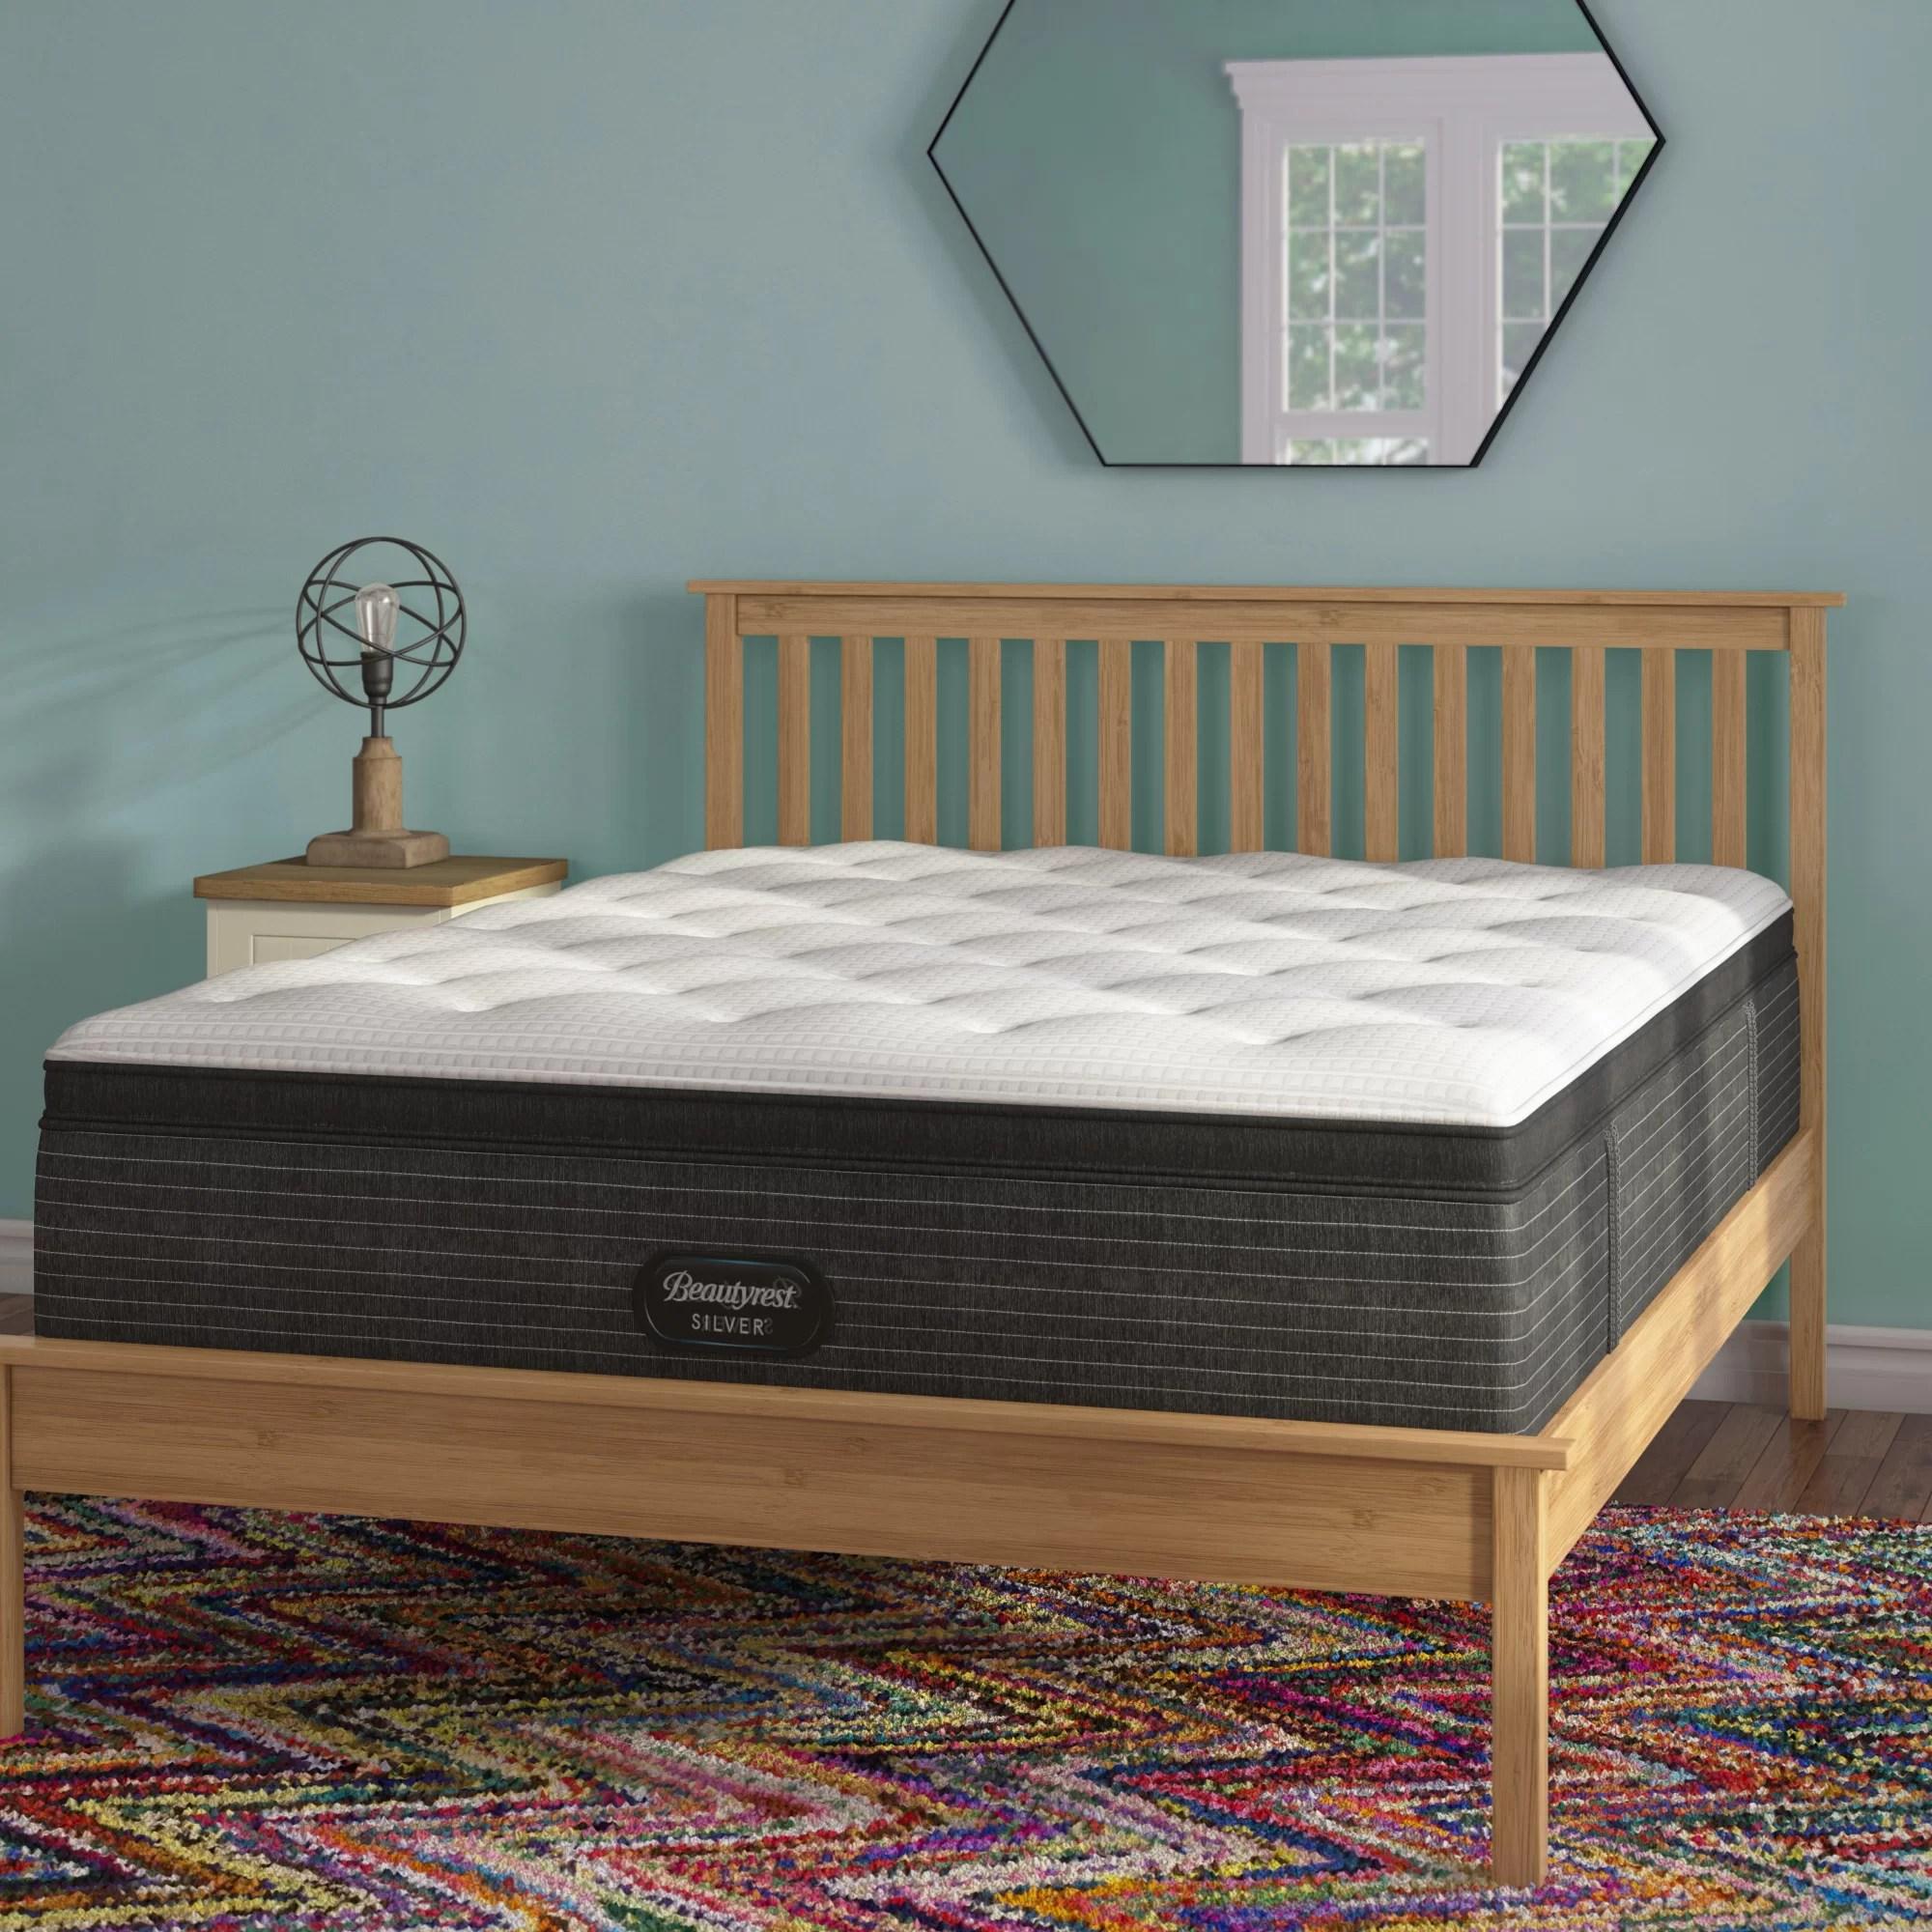 beautyrest 16 plush pillow top hybrid mattress